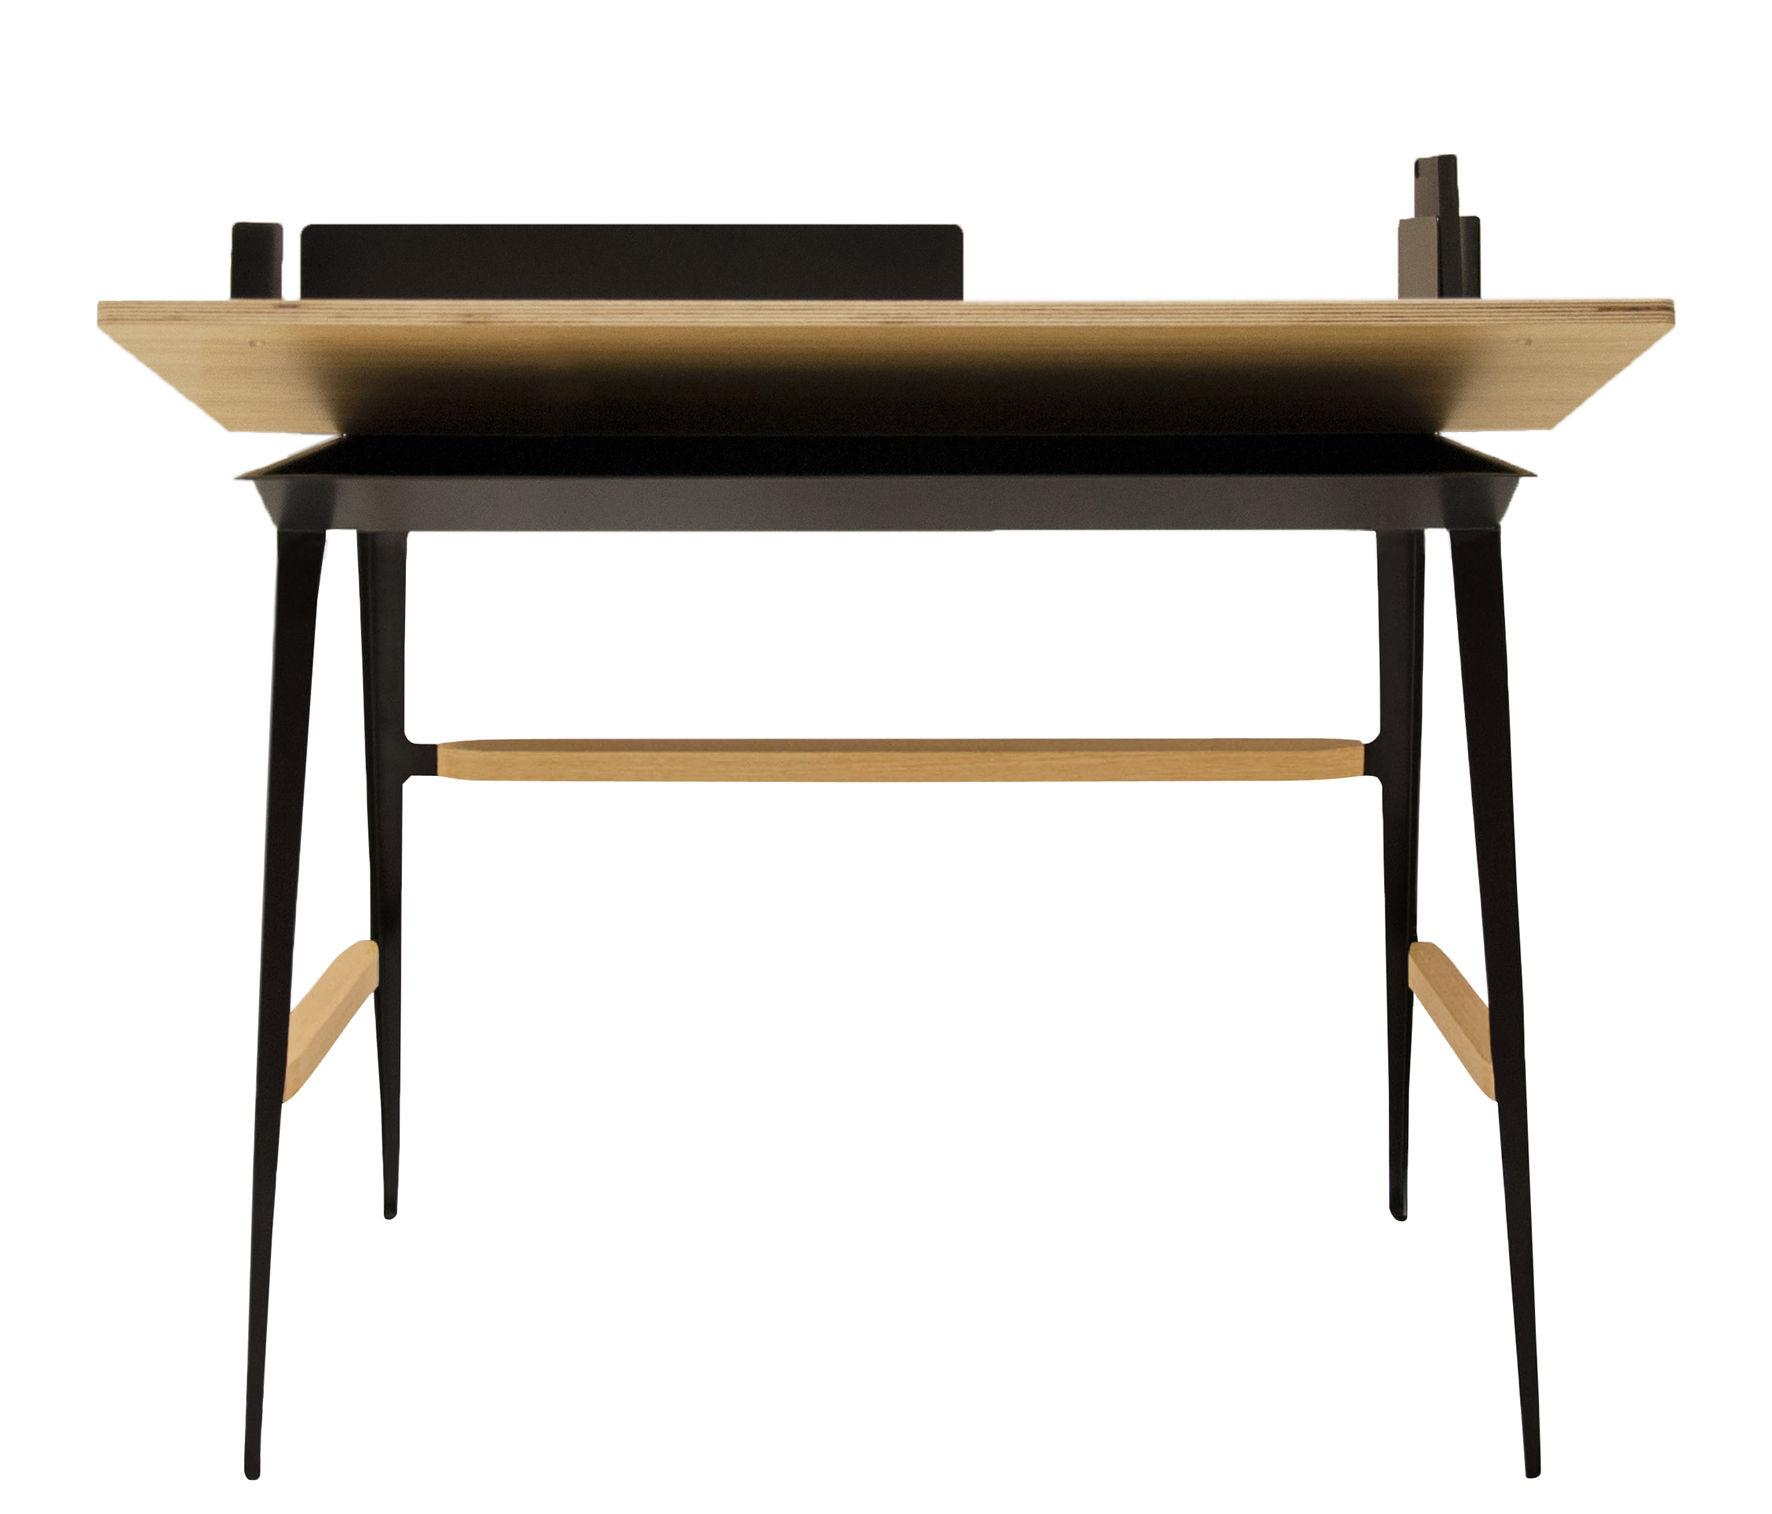 portable atelier schreibtisch moleskine hocker holz schwarz by driade made in design. Black Bedroom Furniture Sets. Home Design Ideas